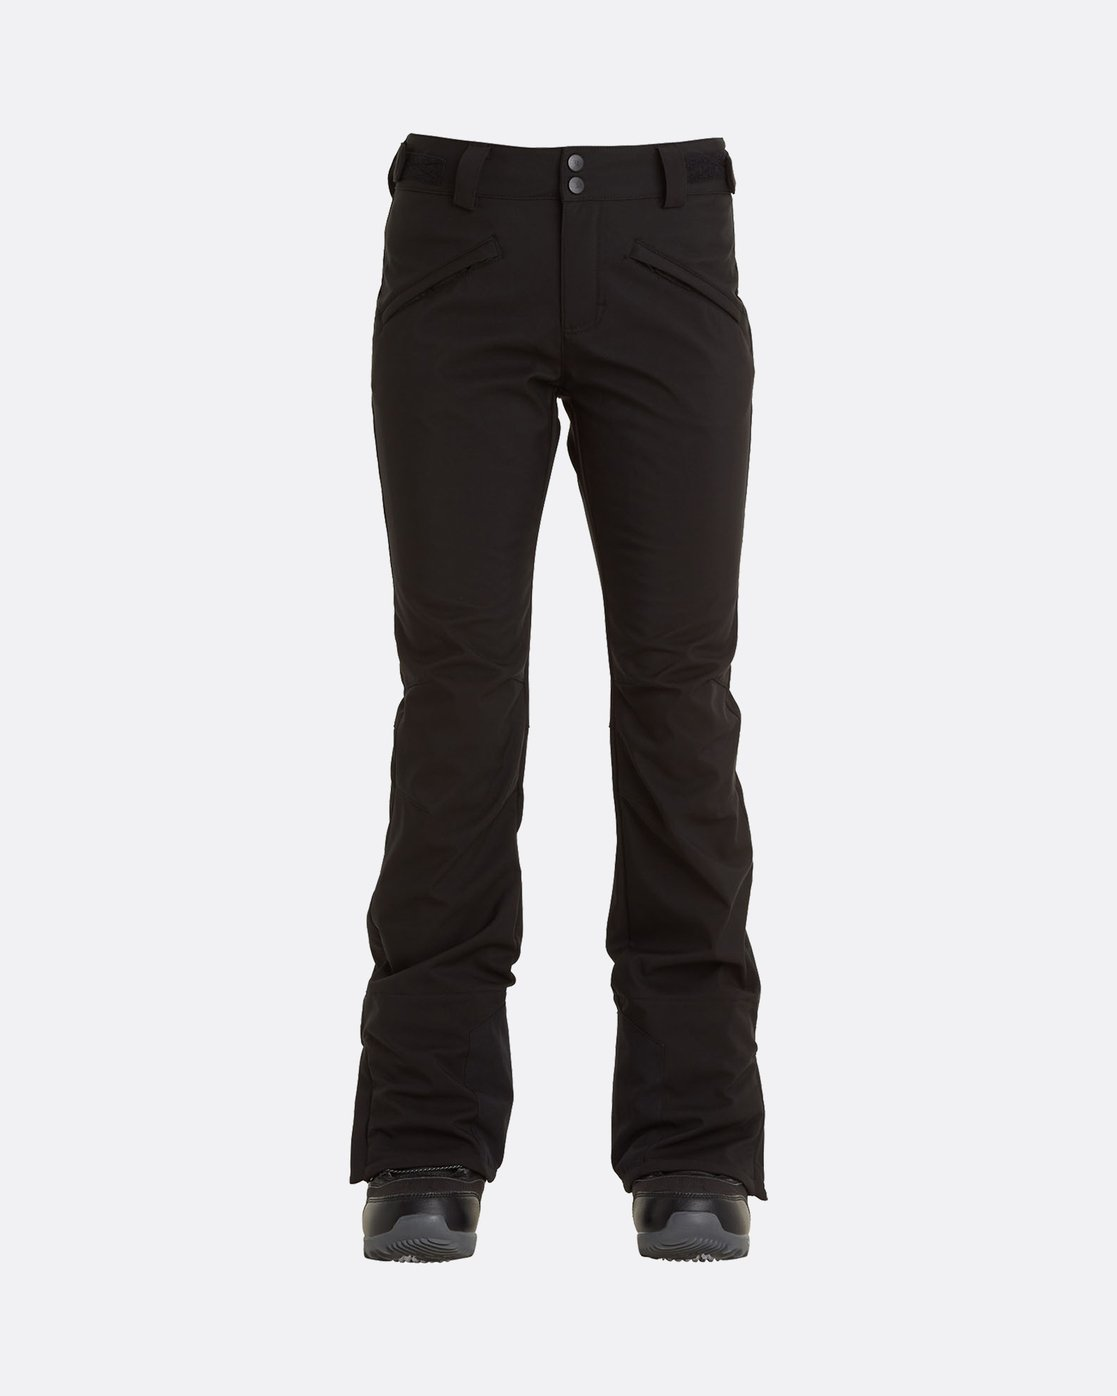 Flake Pantalones Para Nieve Para Mujer U6pf25bif0 Billabong